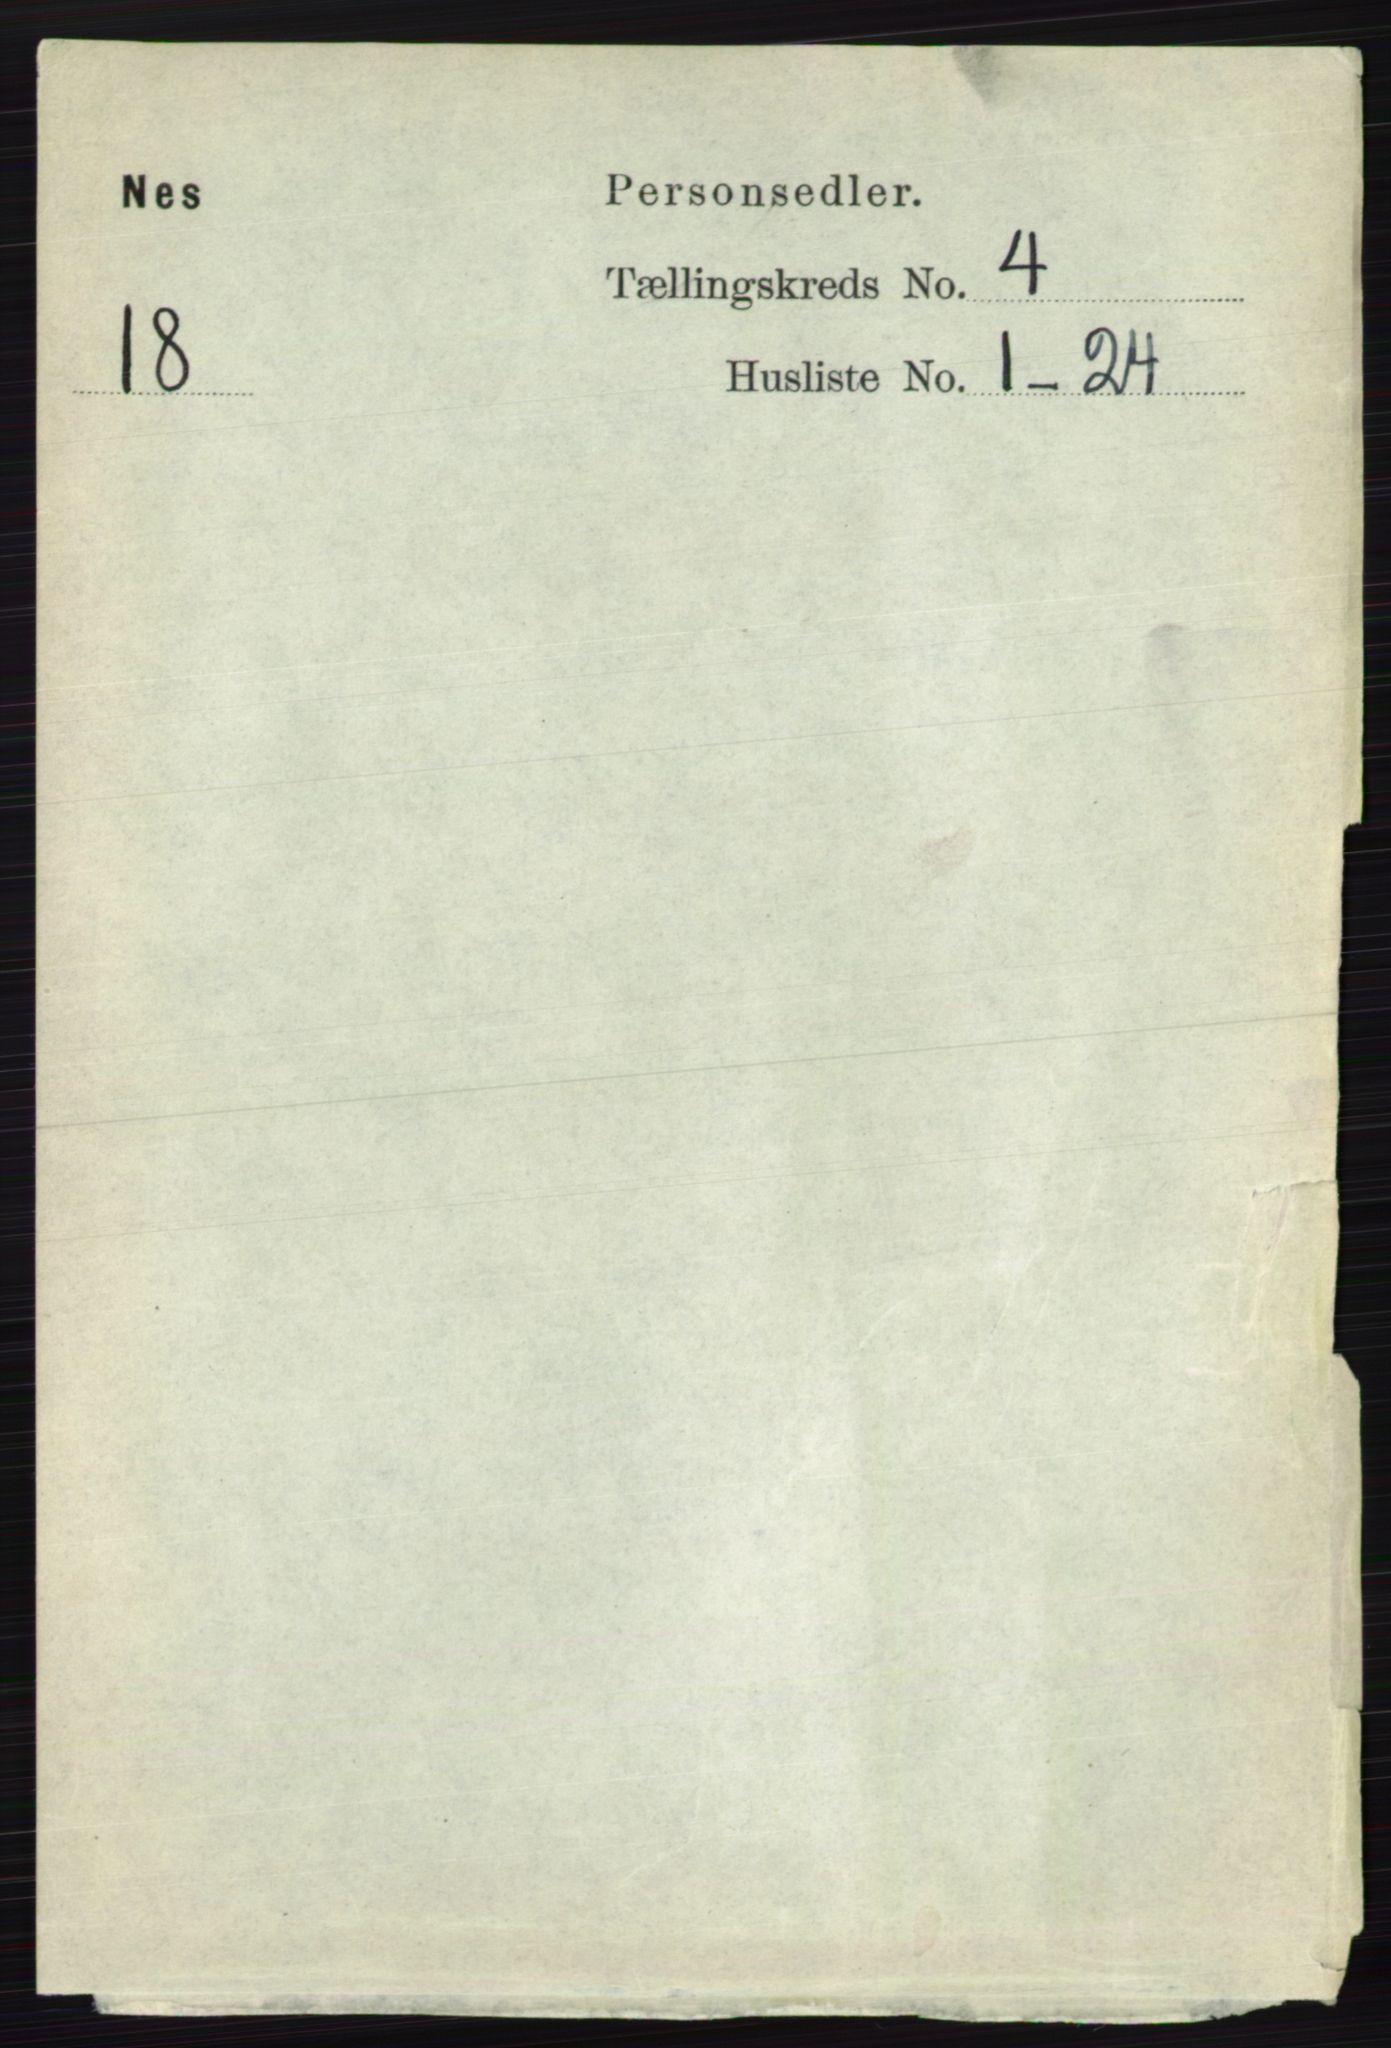 RA, Folketelling 1891 for 0236 Nes herred, 1891, s. 2263